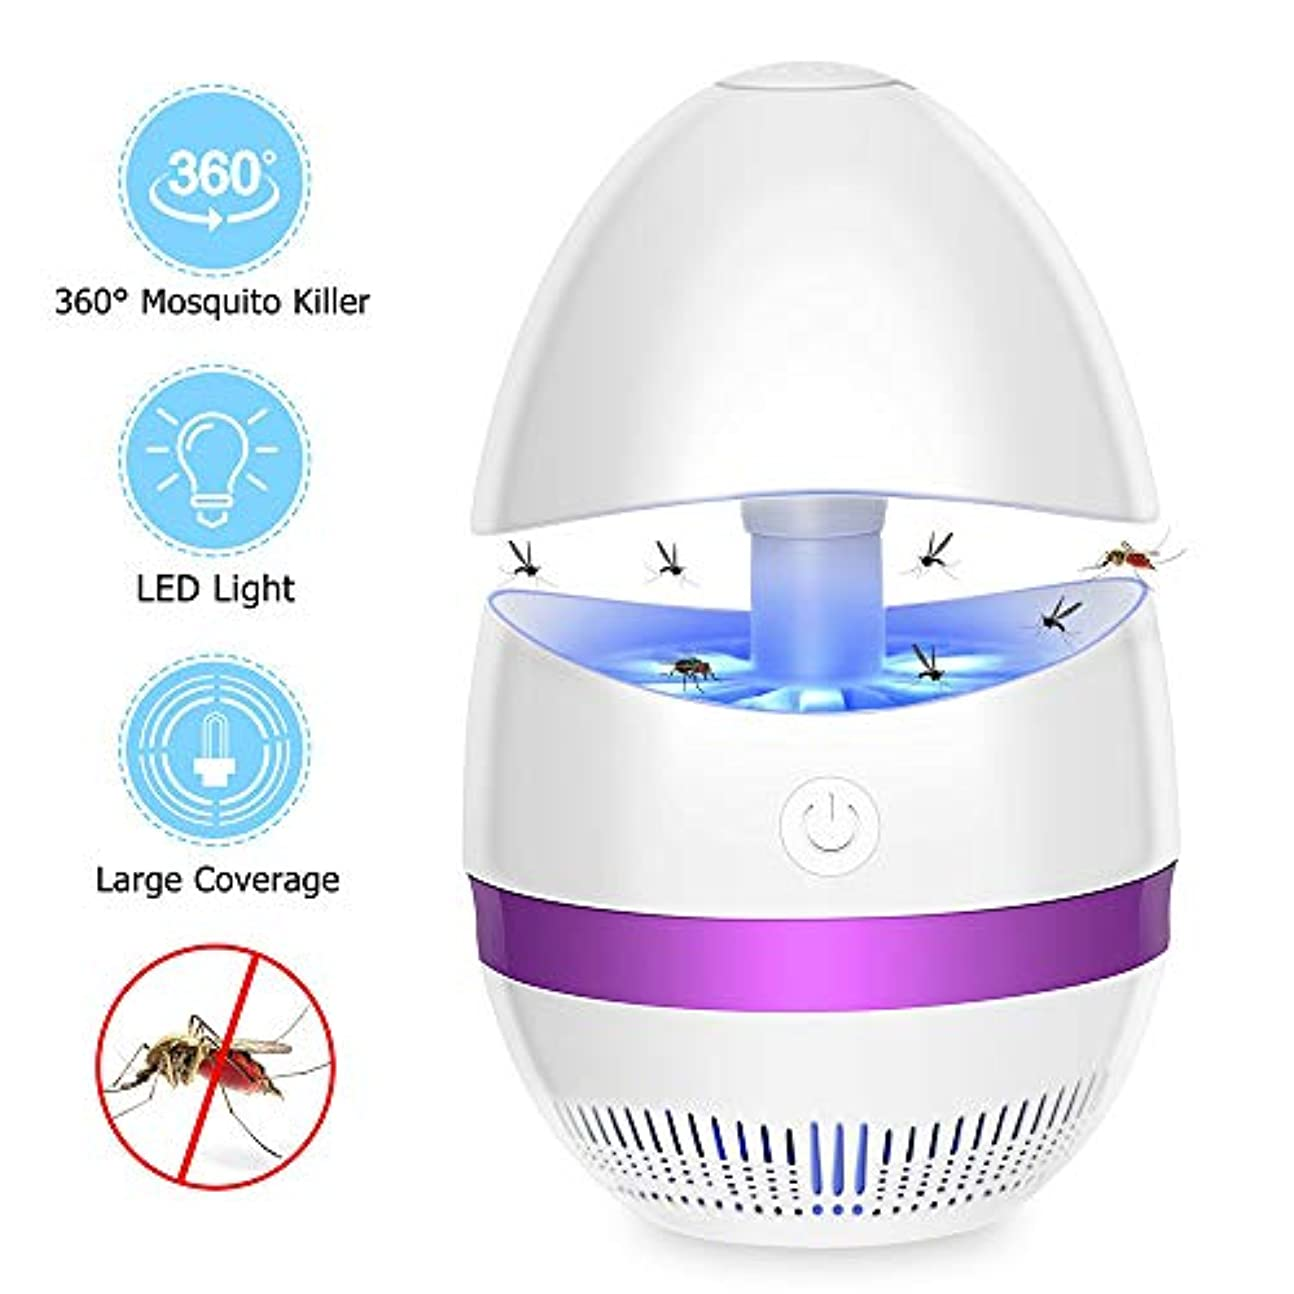 電気室内蚊キラーランプ LED UV昆虫トラップライト USBパワー 静か 無毒 物理的殺害蚊 ホームオフィスインドアアウトドアキャンプに適し(パープル)